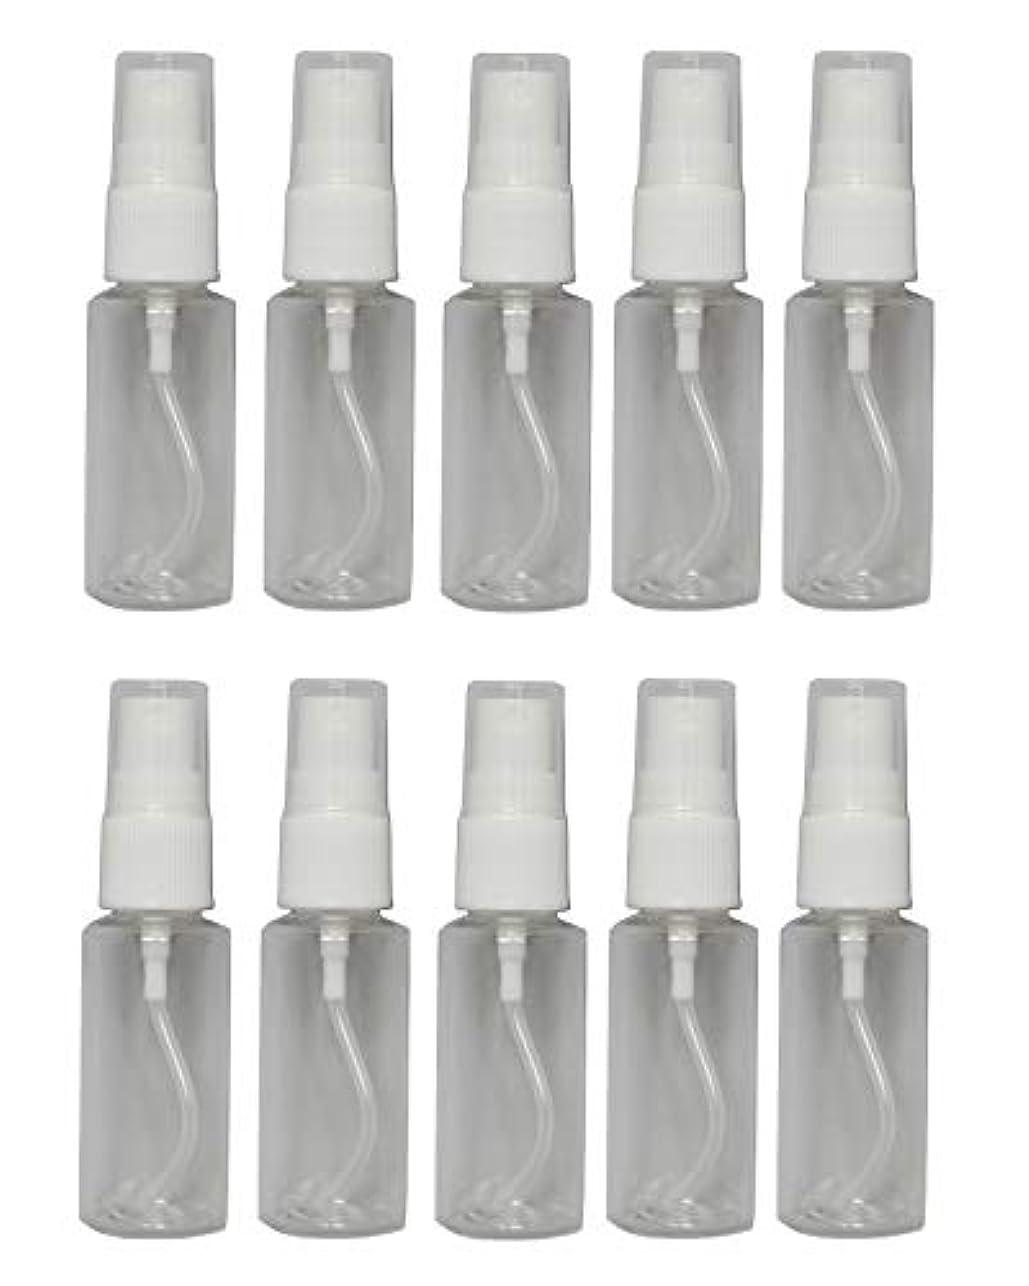 それから検査官帆ミニ スプレー 空ボトル 25ml × 10本 セット 空スプレー 詰め替え容器 プラスチック スプレー ボトル 0038